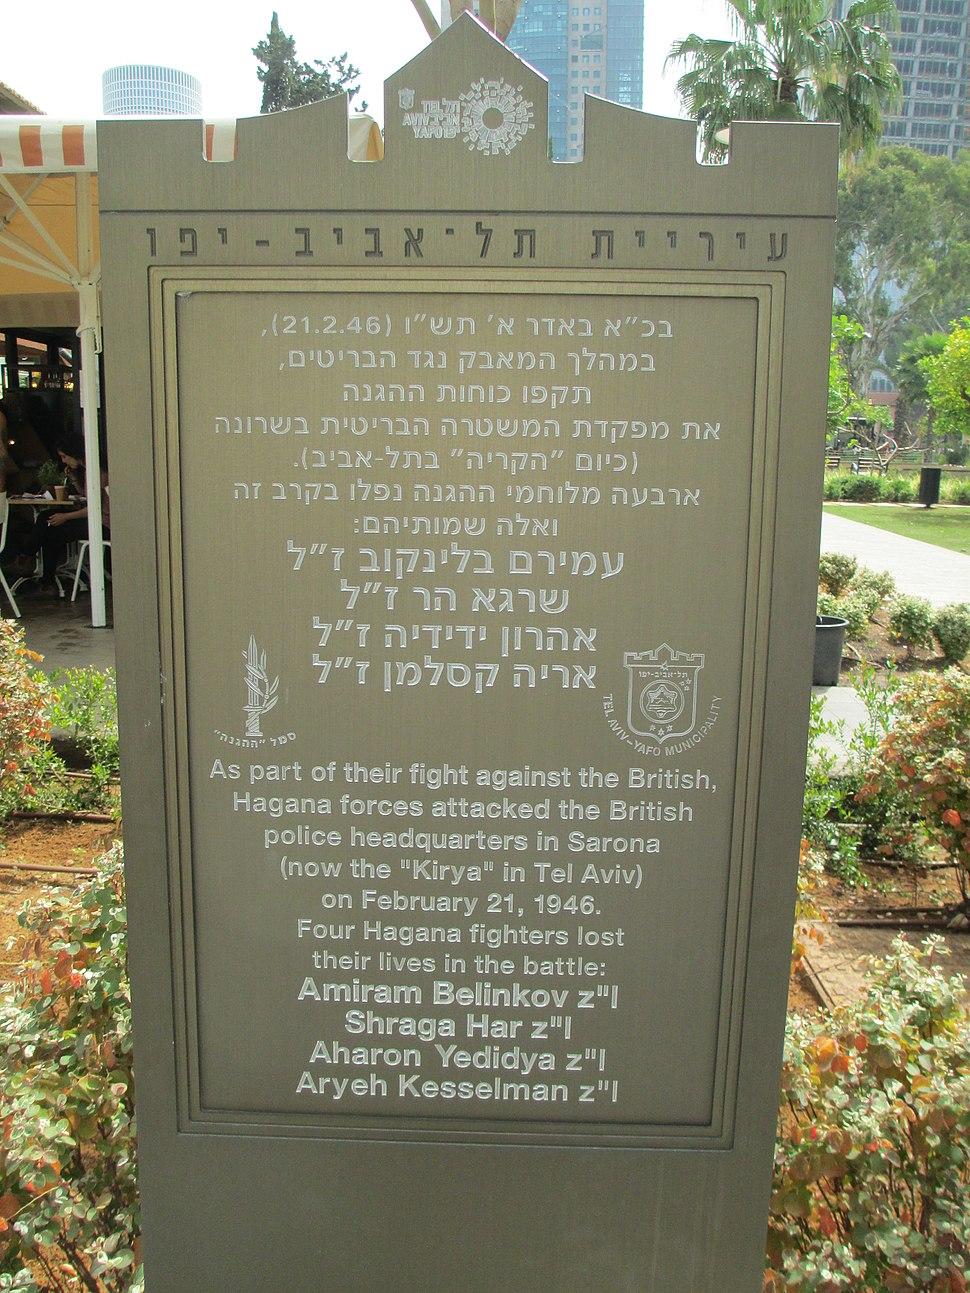 Memorial plaque of the Hagana in Sarona, Tel Aviv